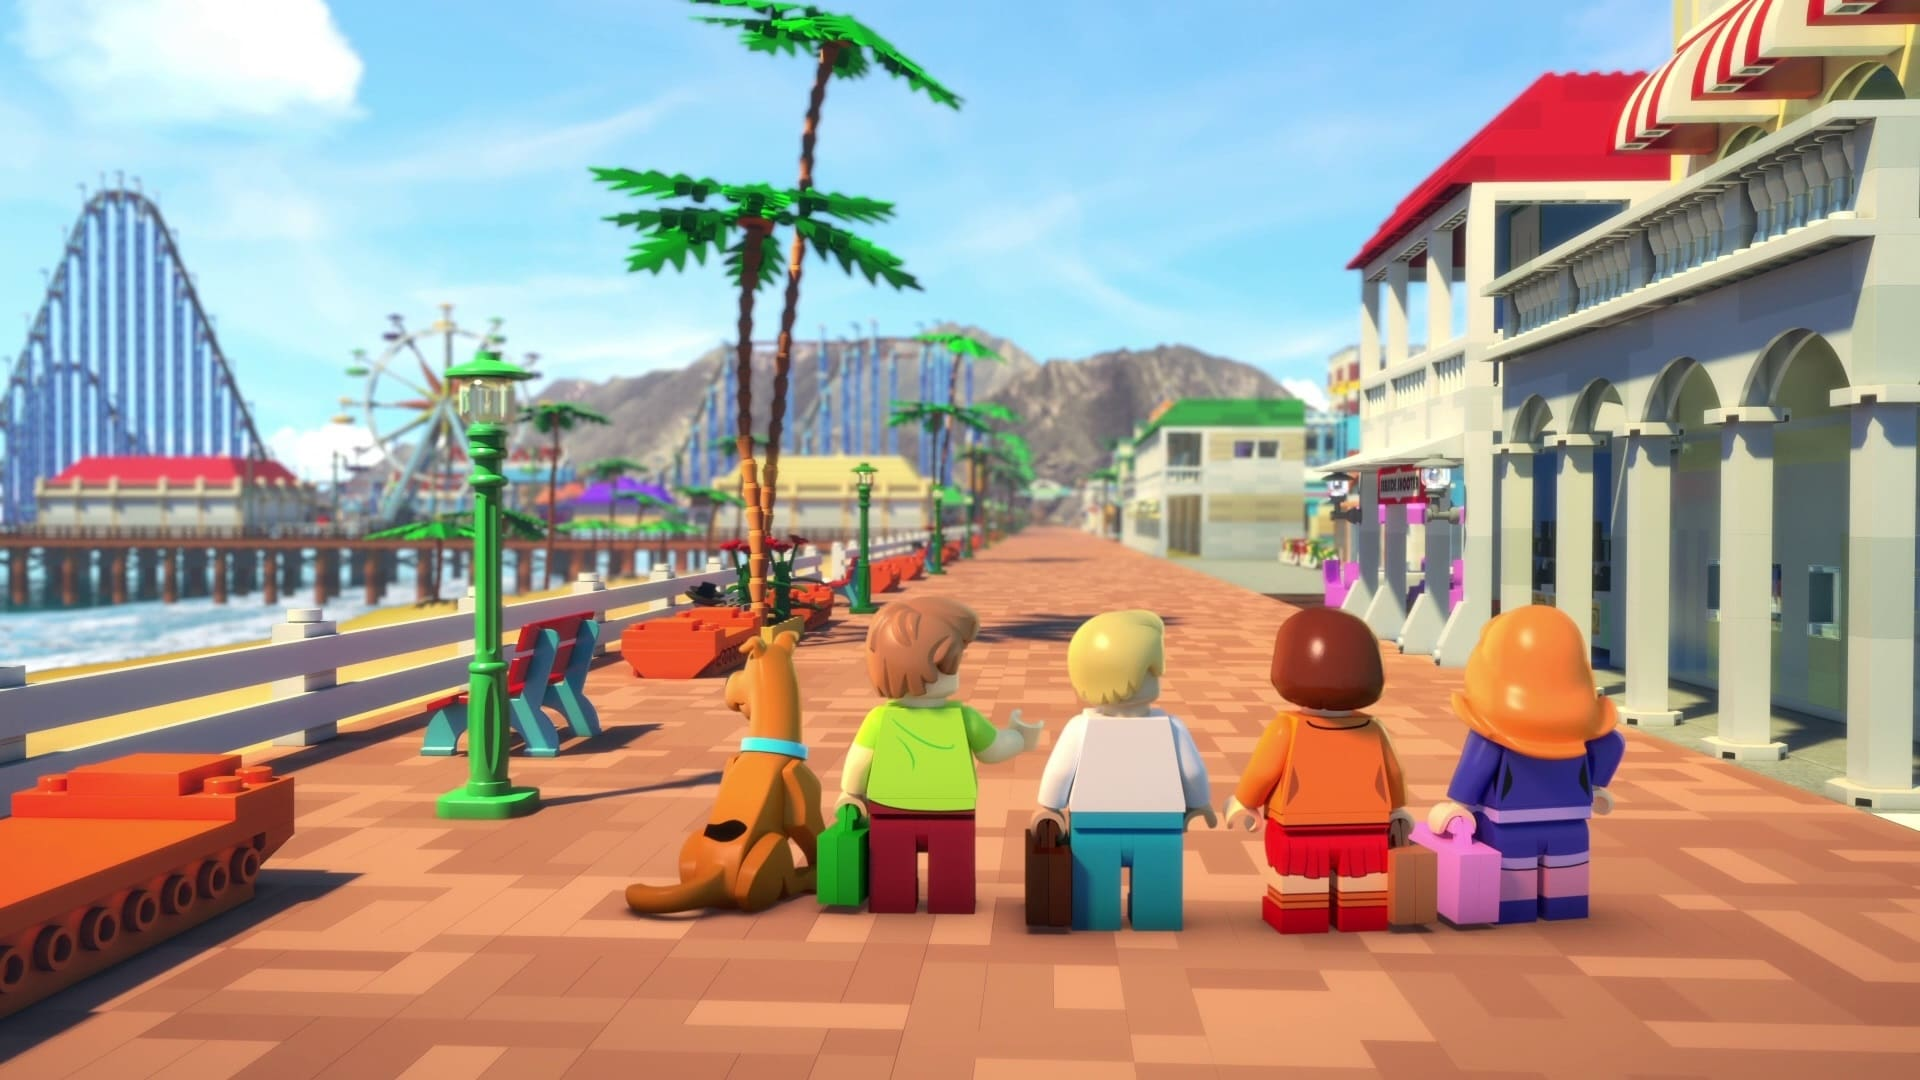 Lego Scooby-Doo: Fiesta en la Playa Ventarrón